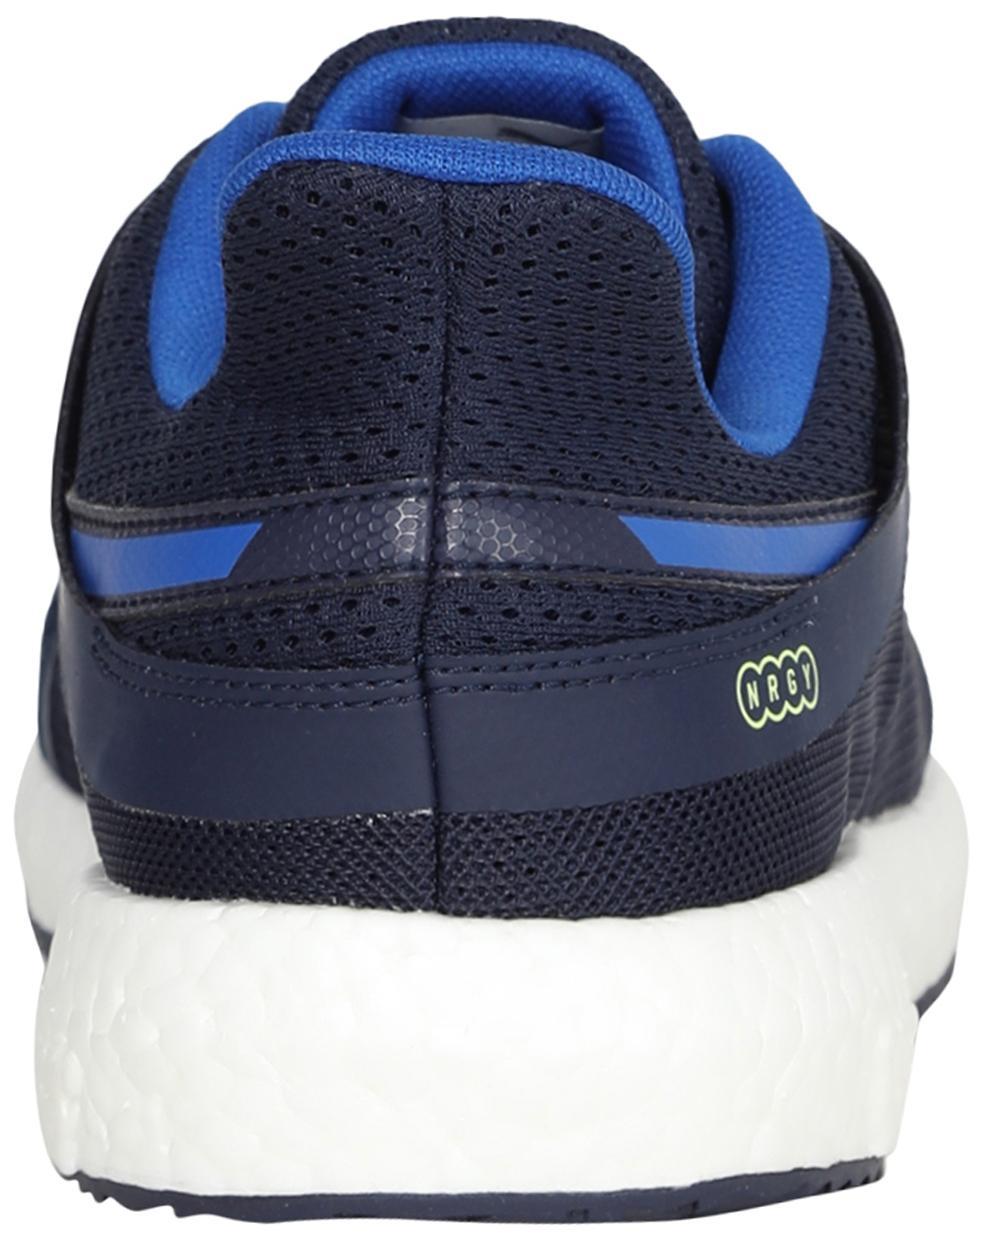 4613fb65aa3e Puma Men Blue Running Shoes - 19084103 for Men - Buy Puma Men s Sport Shoes  at 50% off.